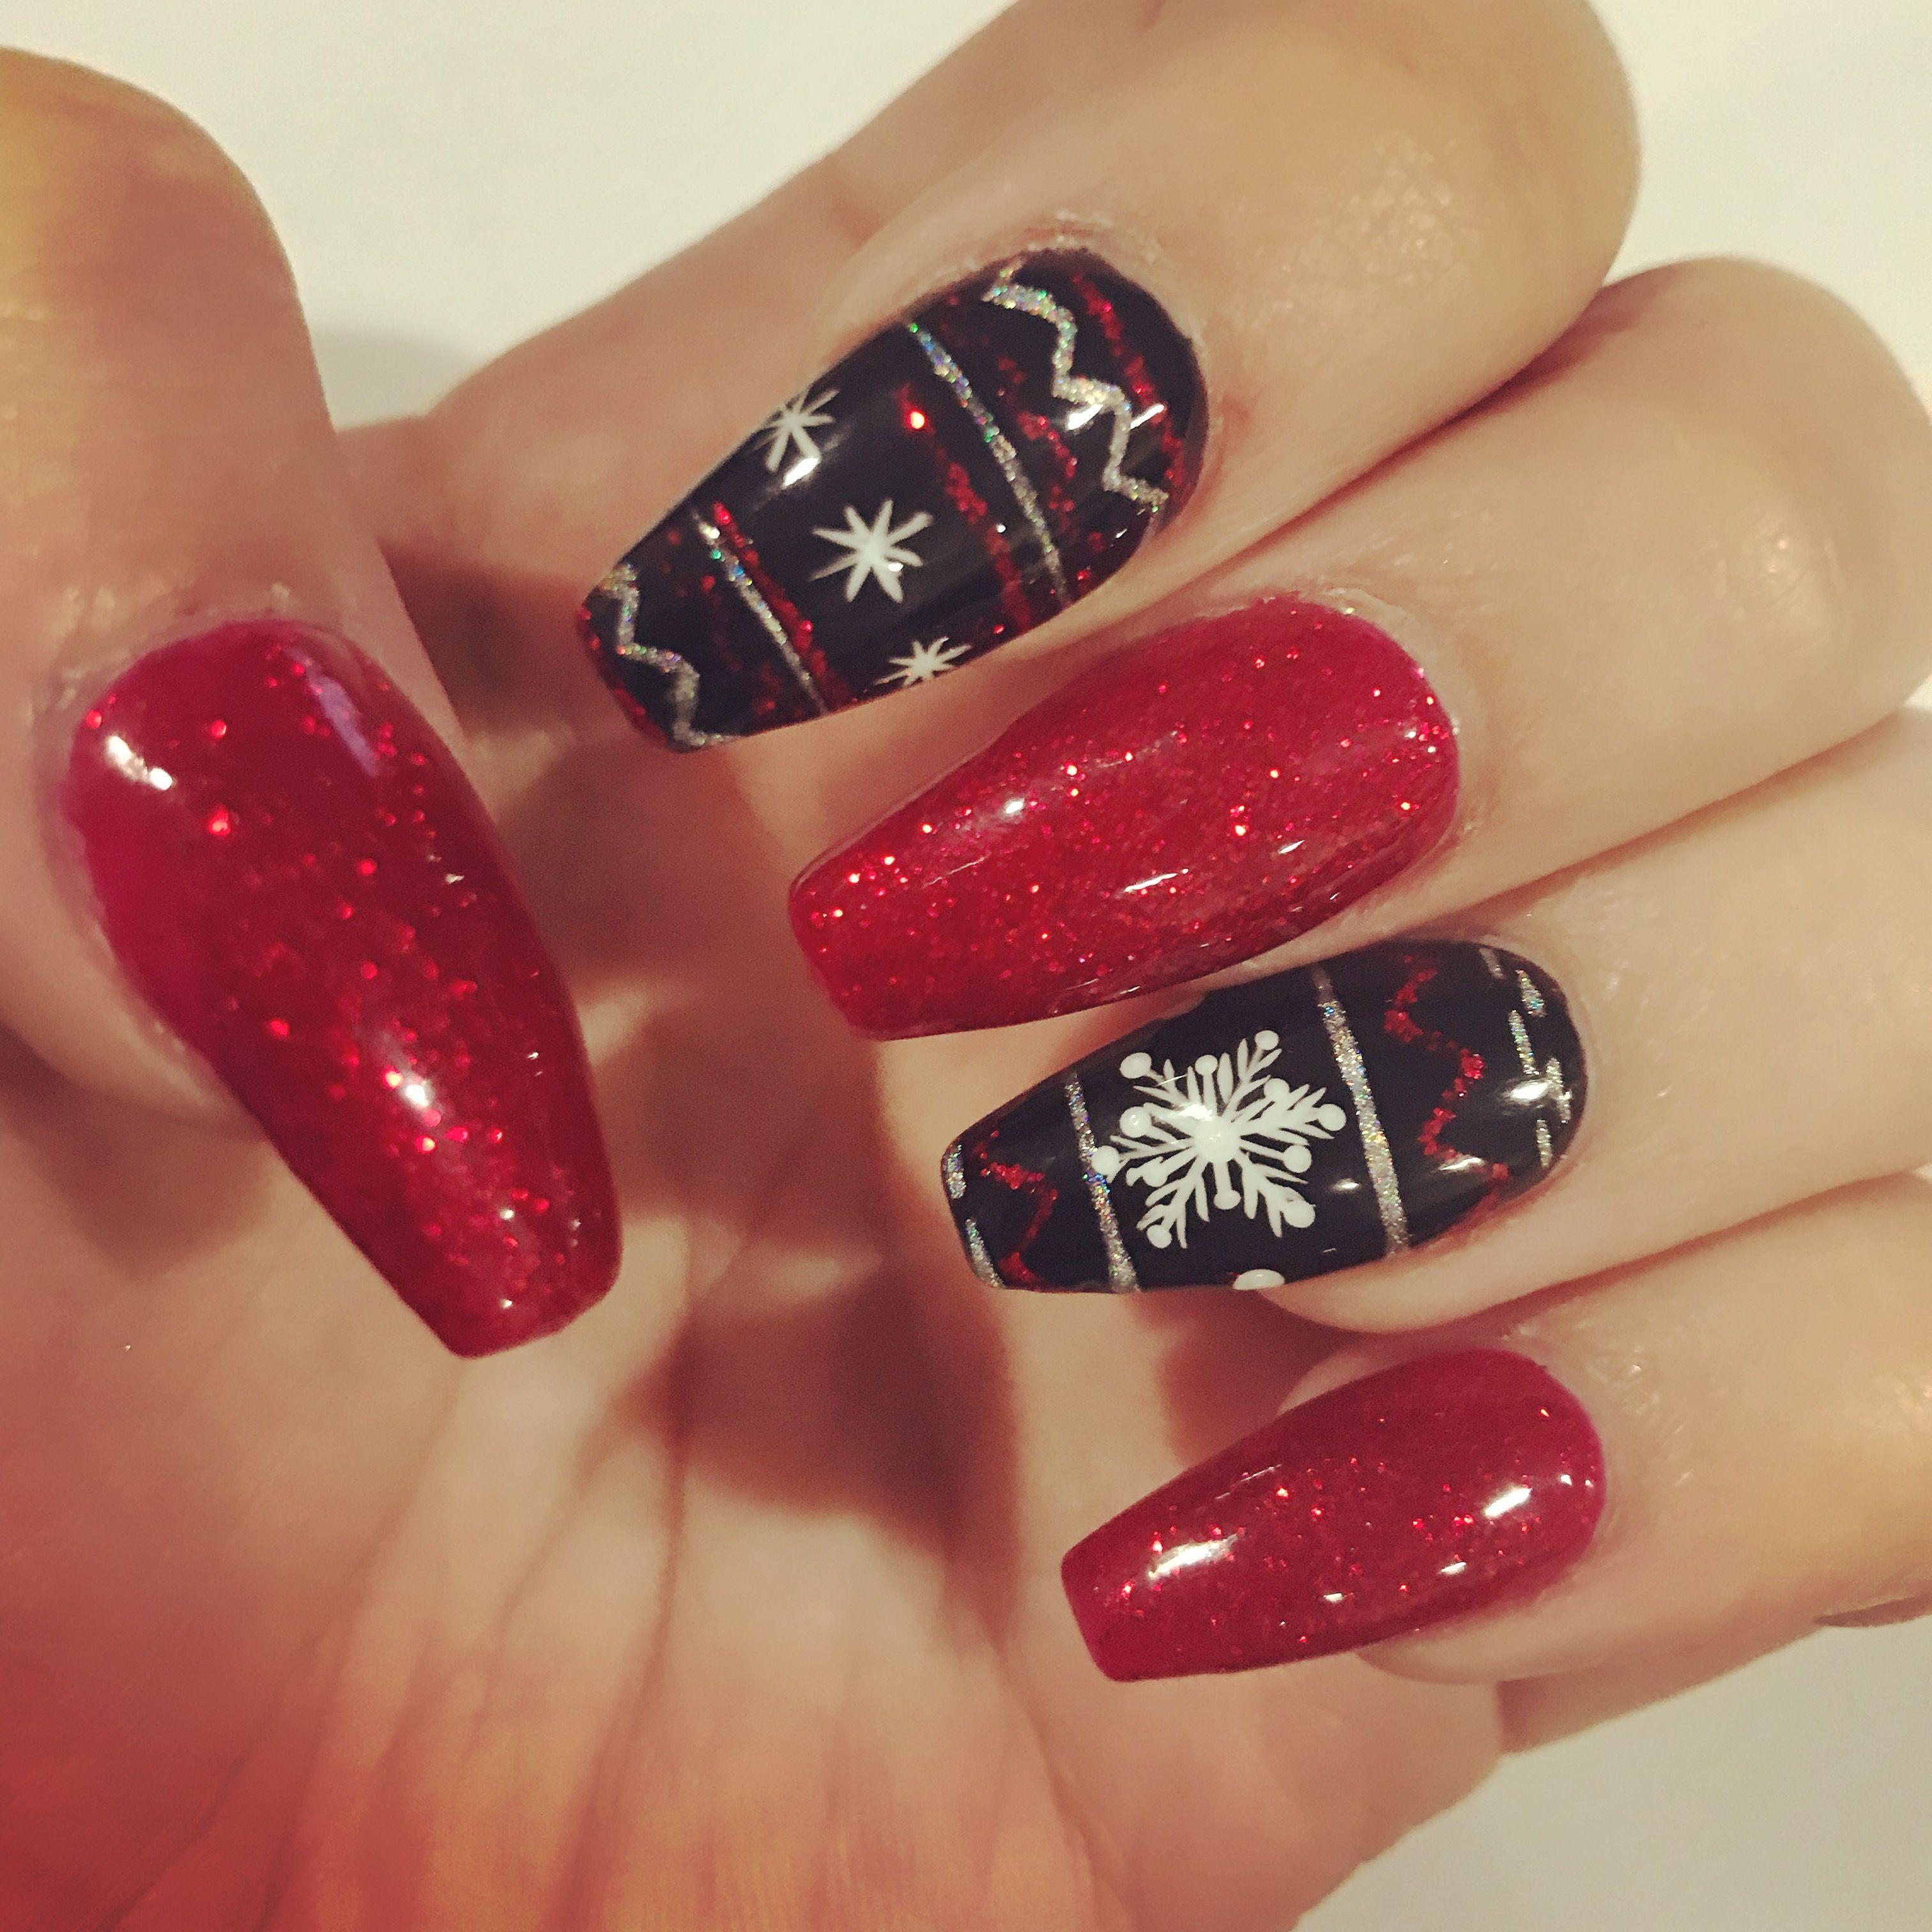 Pin by Ashley Mae on nail Nails, Beauty